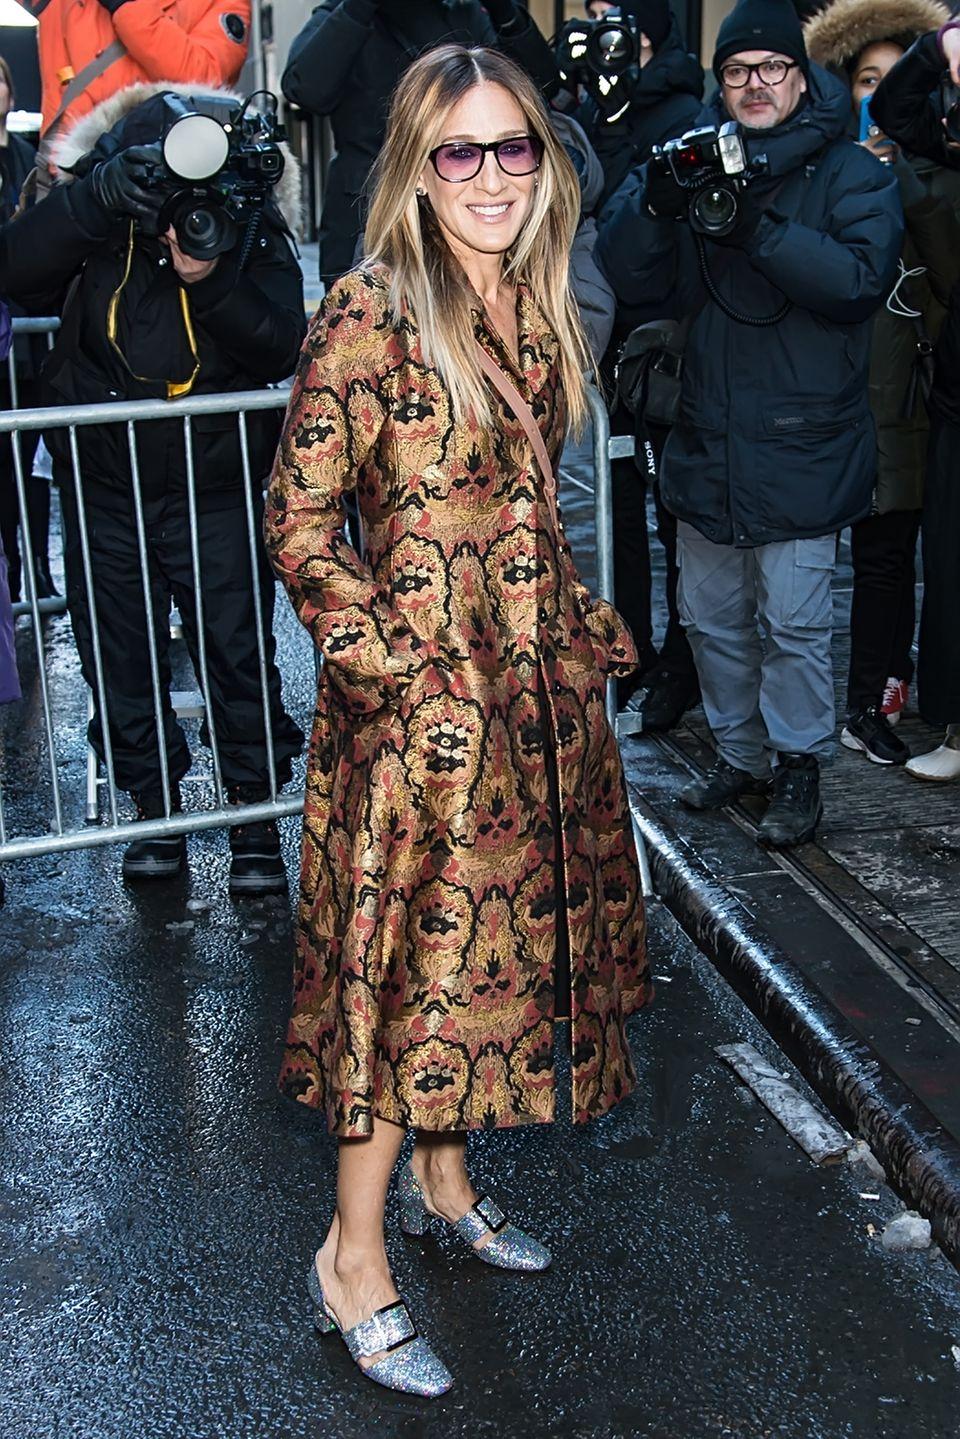 Dieses Outfit von Sarah Jessica Parker lieben wir ganz besonders. Die Schuhe mit Schnalle, der Mantel mit Print und diese getönte Sonnenbrille - wir wollen alles haben!